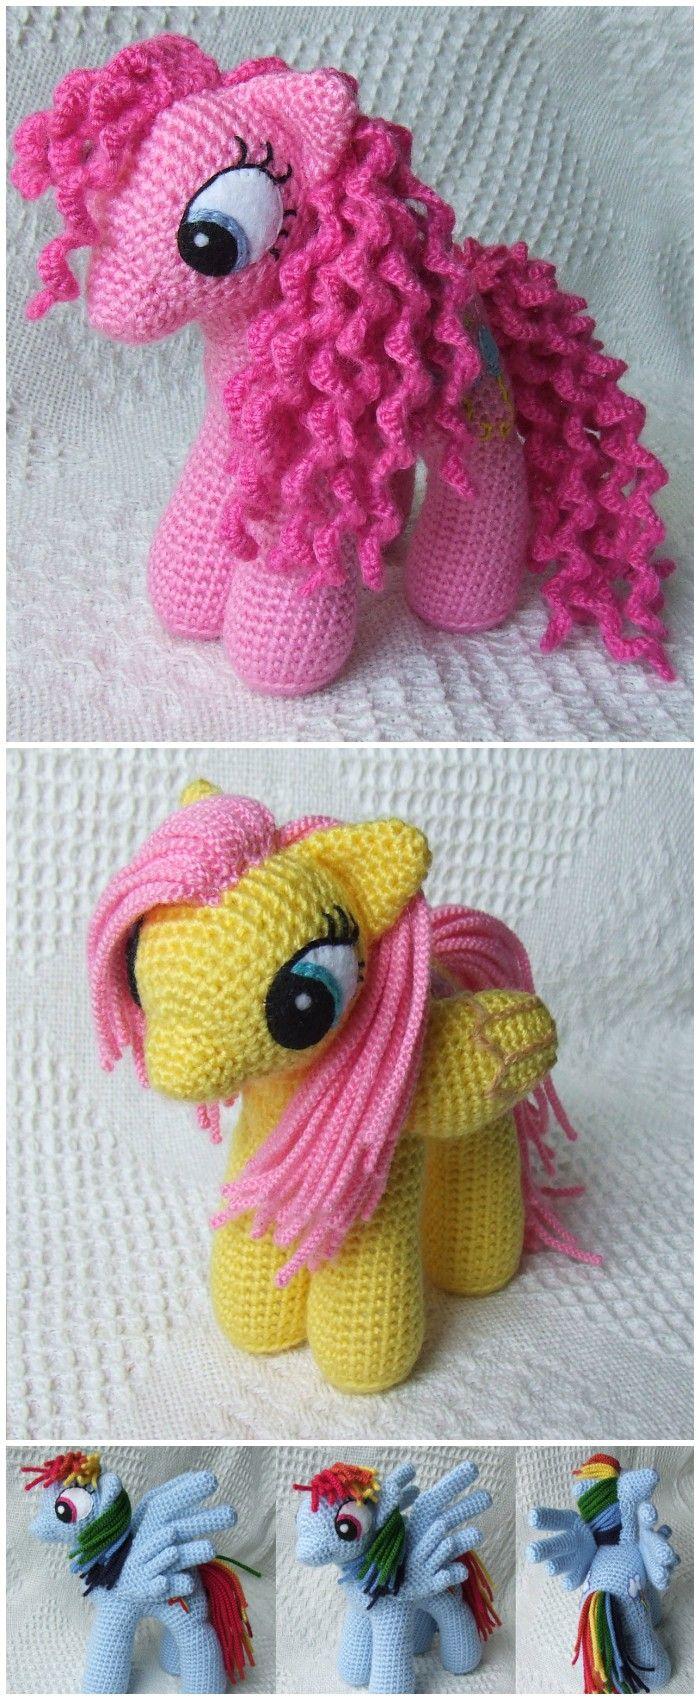 Pony Free Crochet Pattern   Crocheting   Pinterest   Muñecos de hilo ...